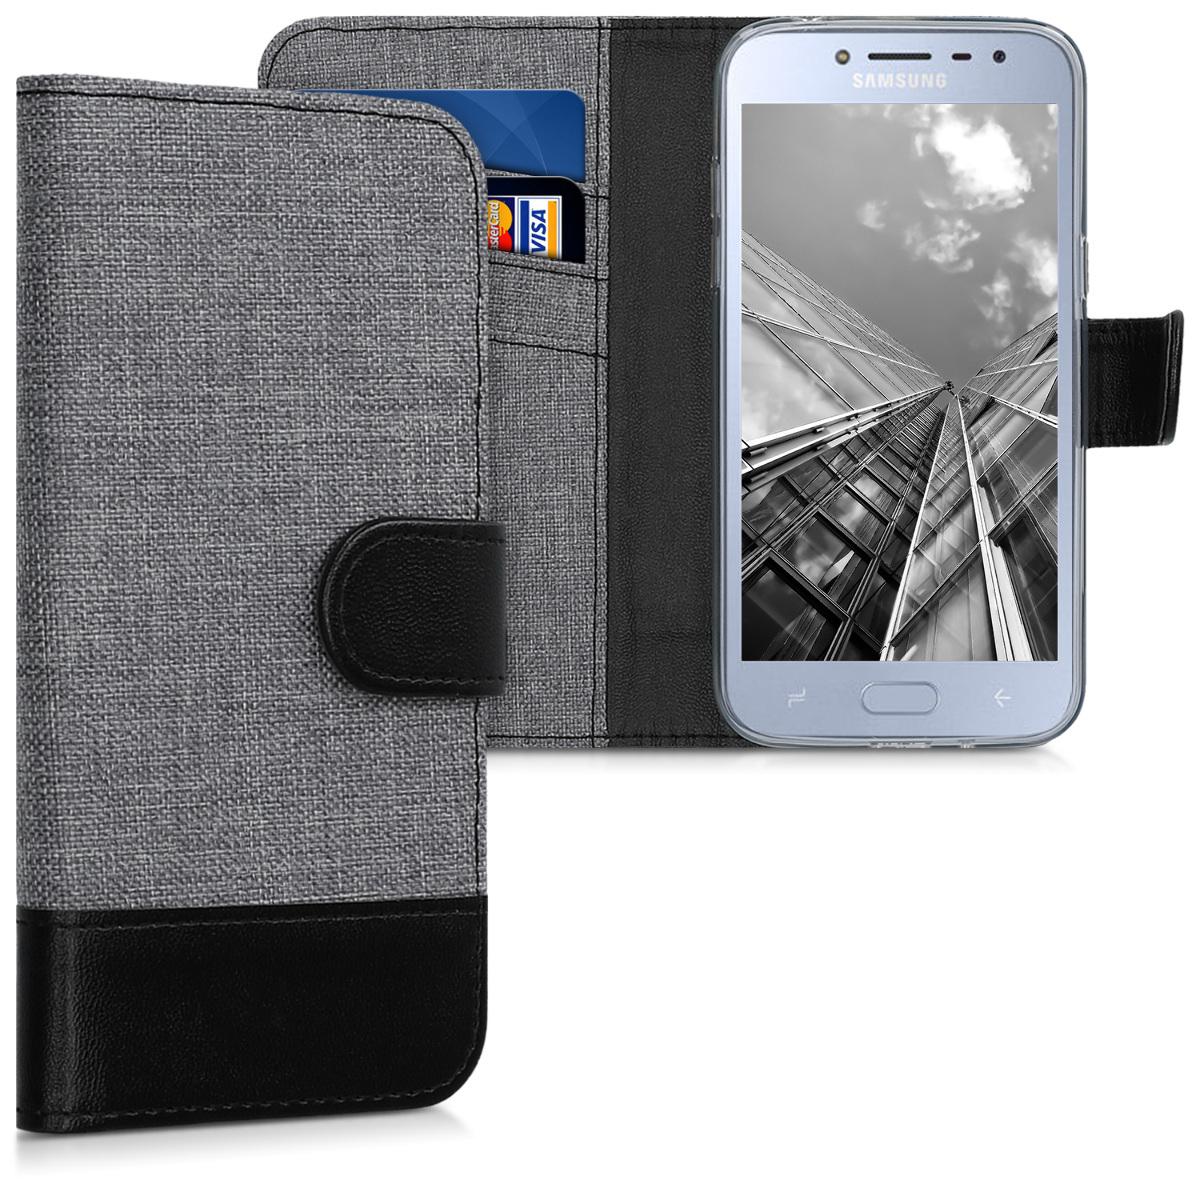 Fabricpouzdro pro Samsung J2 Pro (2018) - šedé / černé